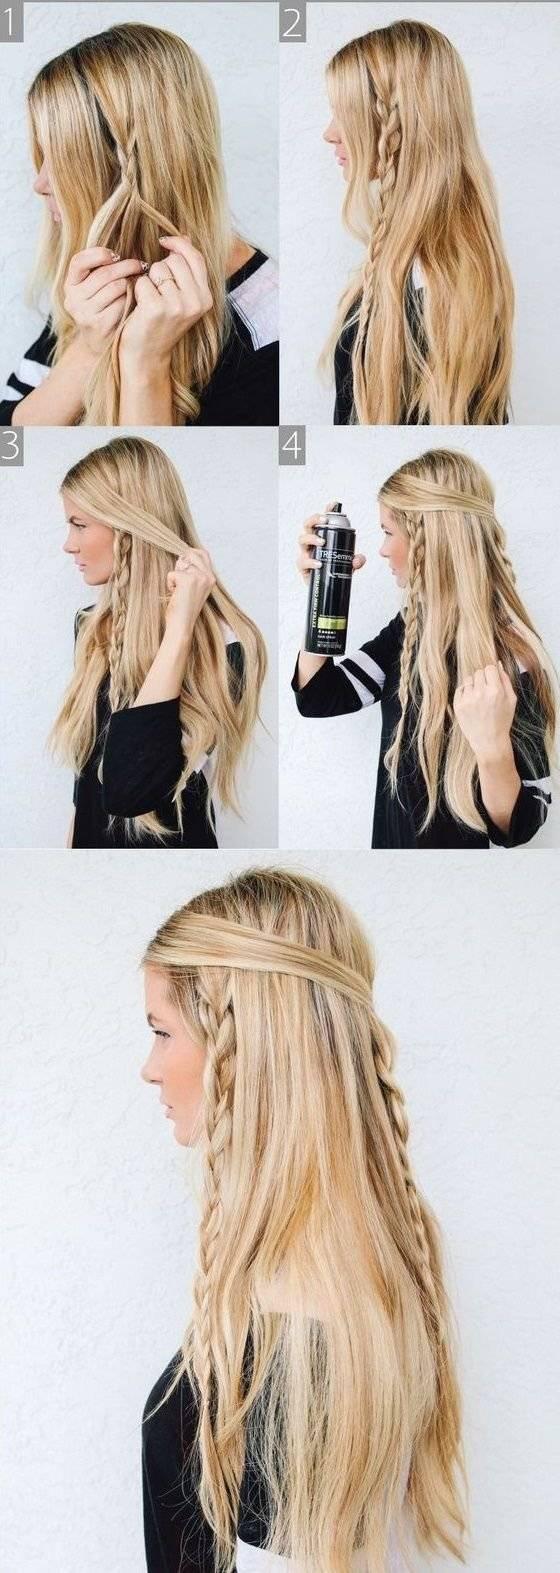 5 Peinados Faciles Con Trenzas Para Cuando No Sabes Que Hacer Con Tu